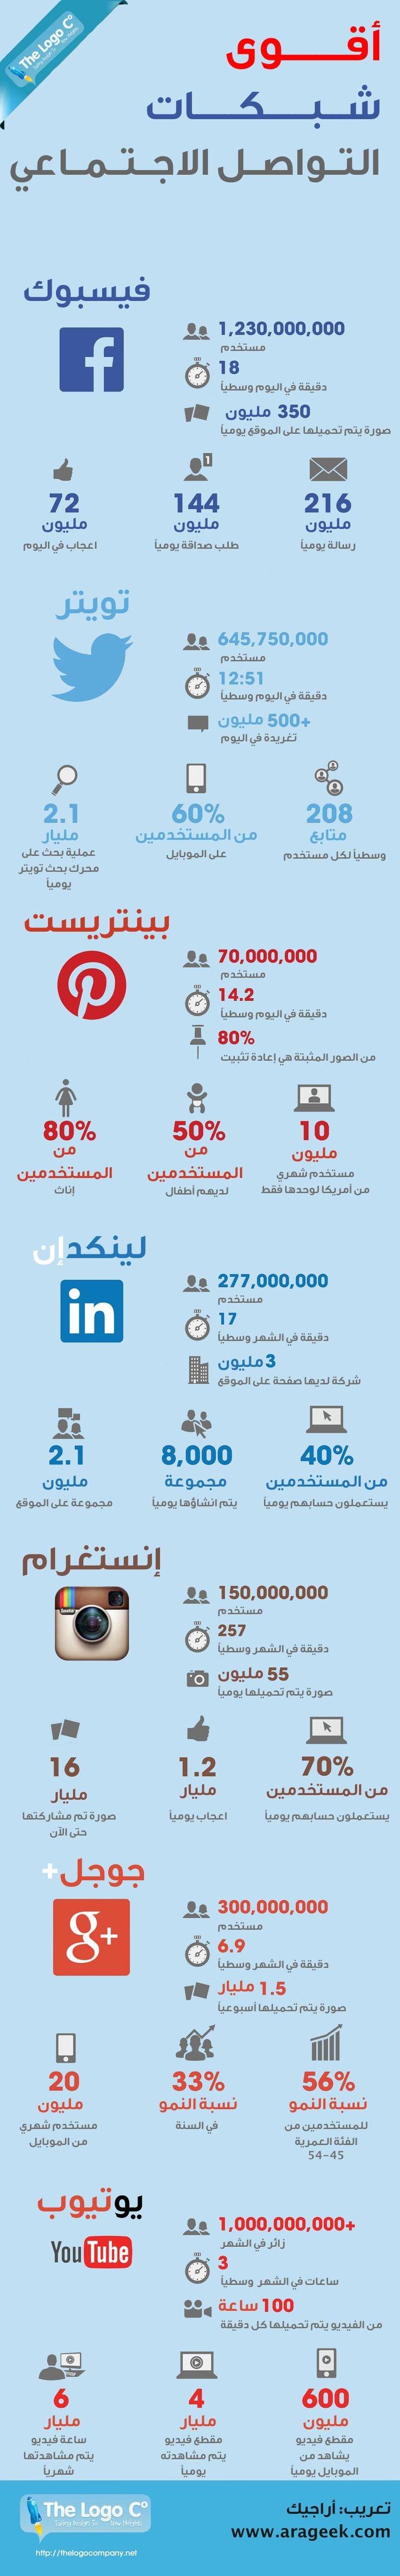 أقوى شبكات التواصل الاجتماعي #إنفوجرافيك